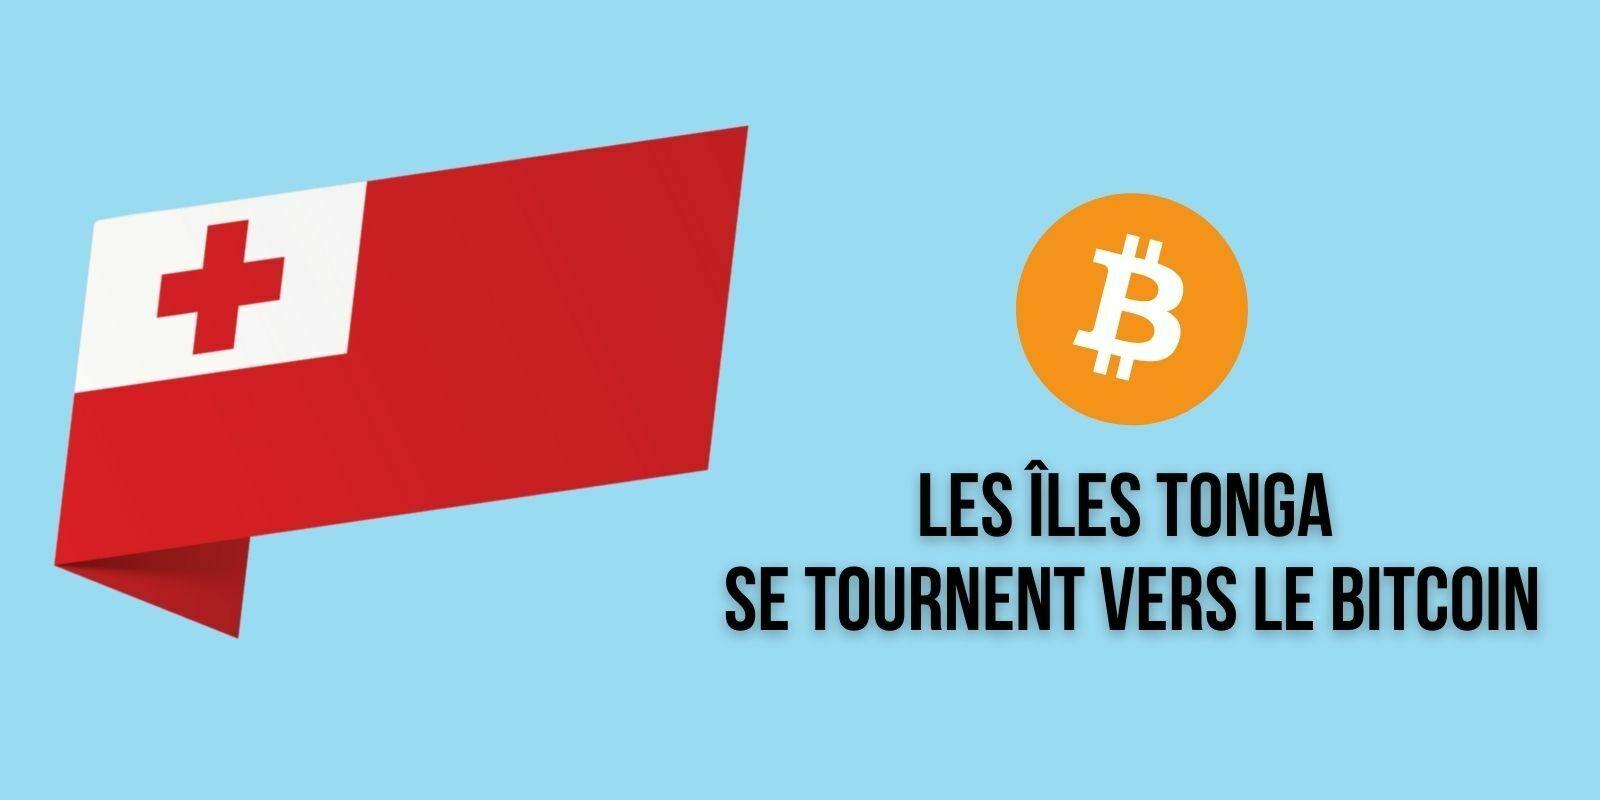 Inspiré par le Salvador, le royaume des Tonga pourrait adopter le Bitcoin (BTC)